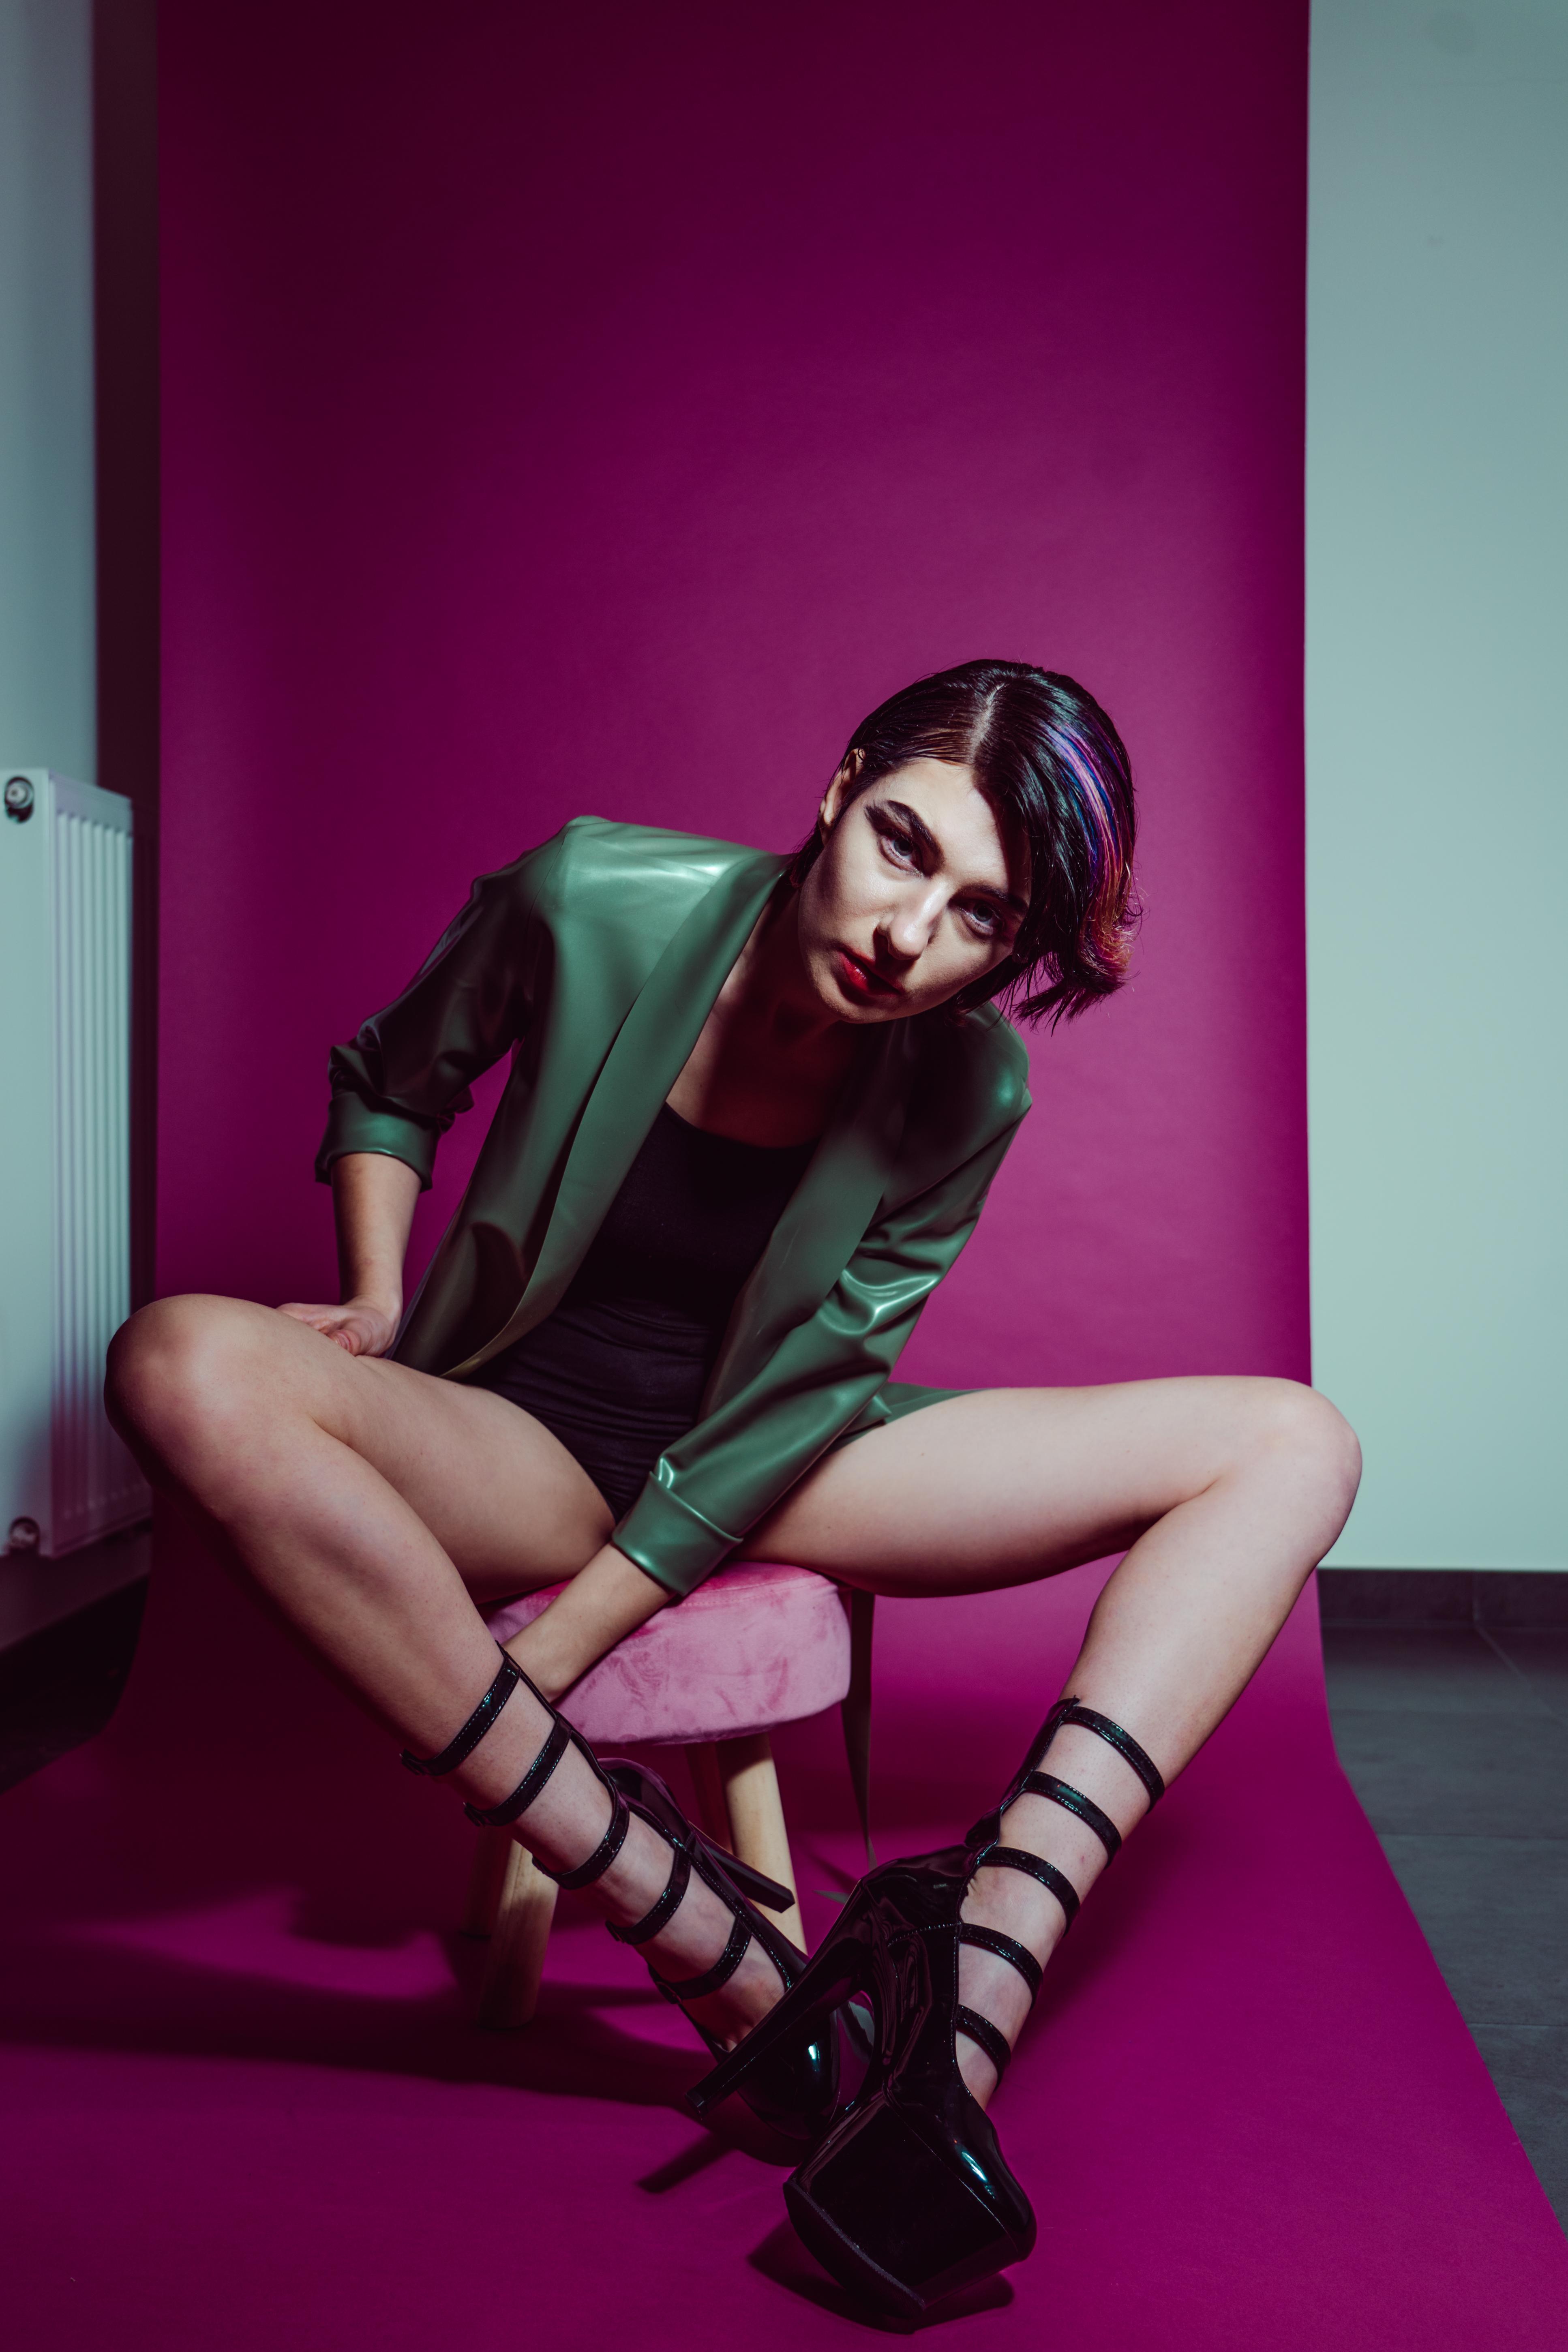 Juliaesphotographs - Saartje Van Den Haute - Epic Couture